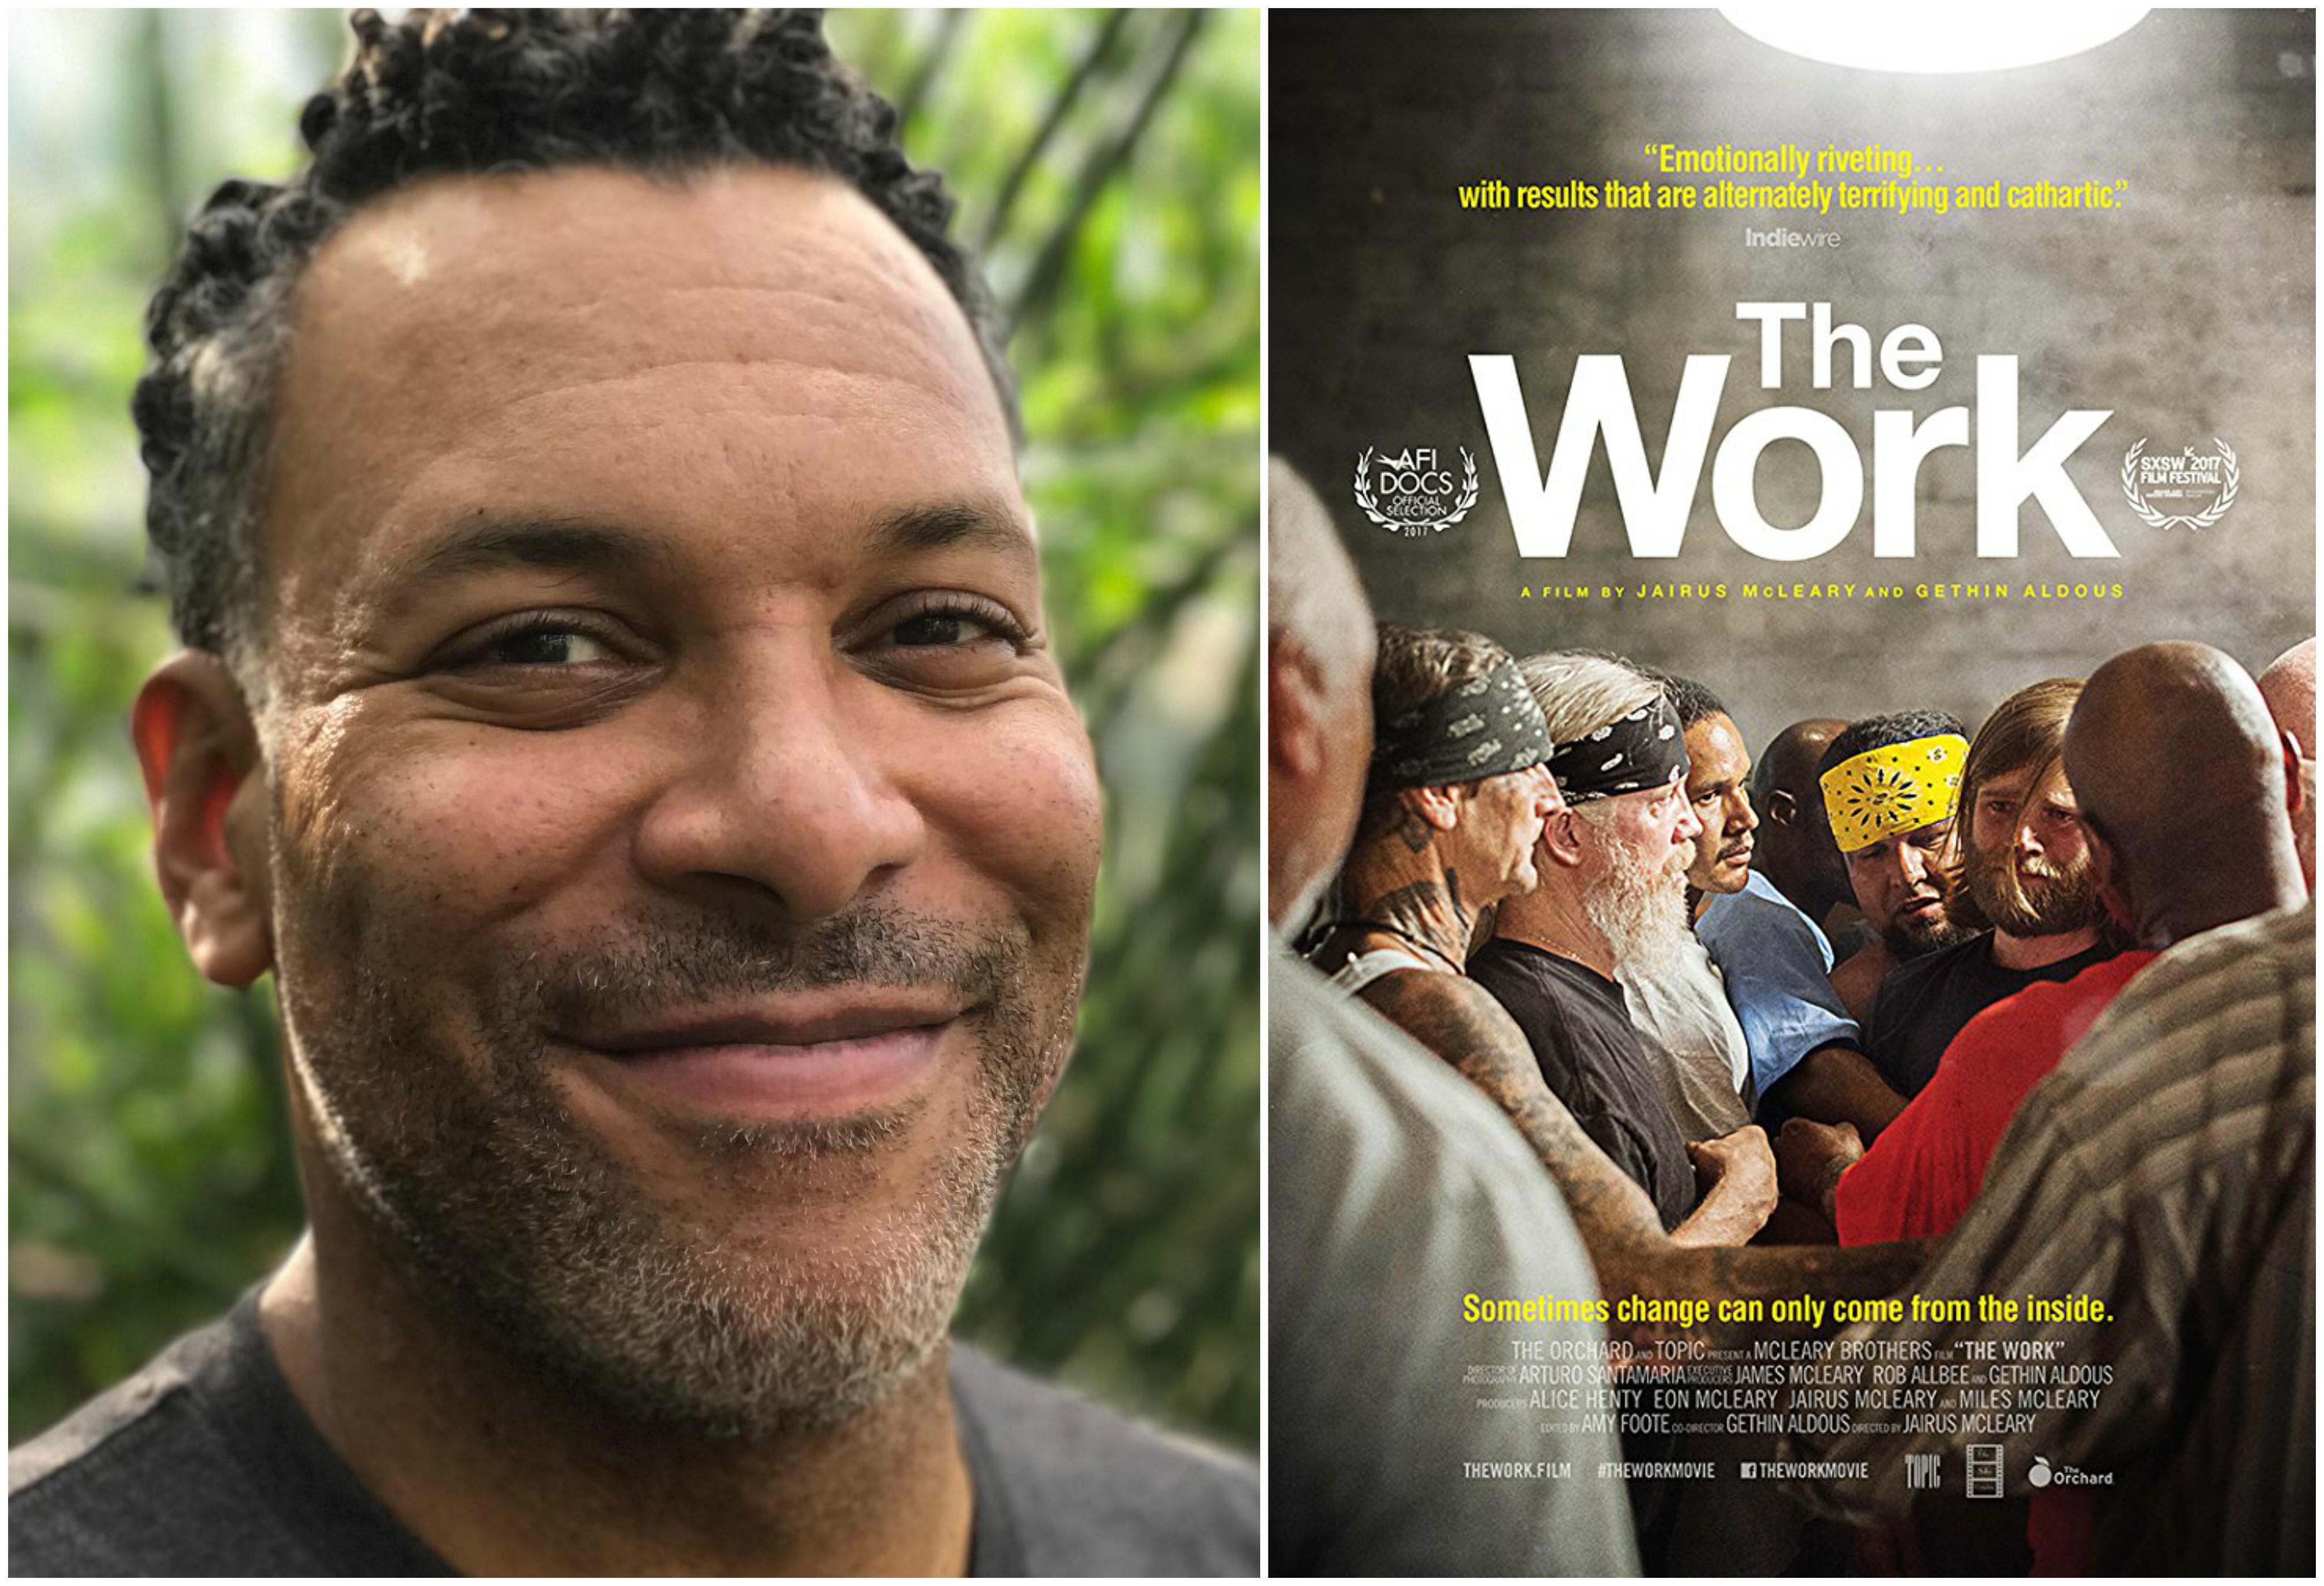 Film Jairusa McLeary'ego 'Praca' (w org. 'The Work') od 7 do 14 grudnia można oglądać w ramach festiwalu Watch Docs w Warszawie (fot. materiały prasowe)